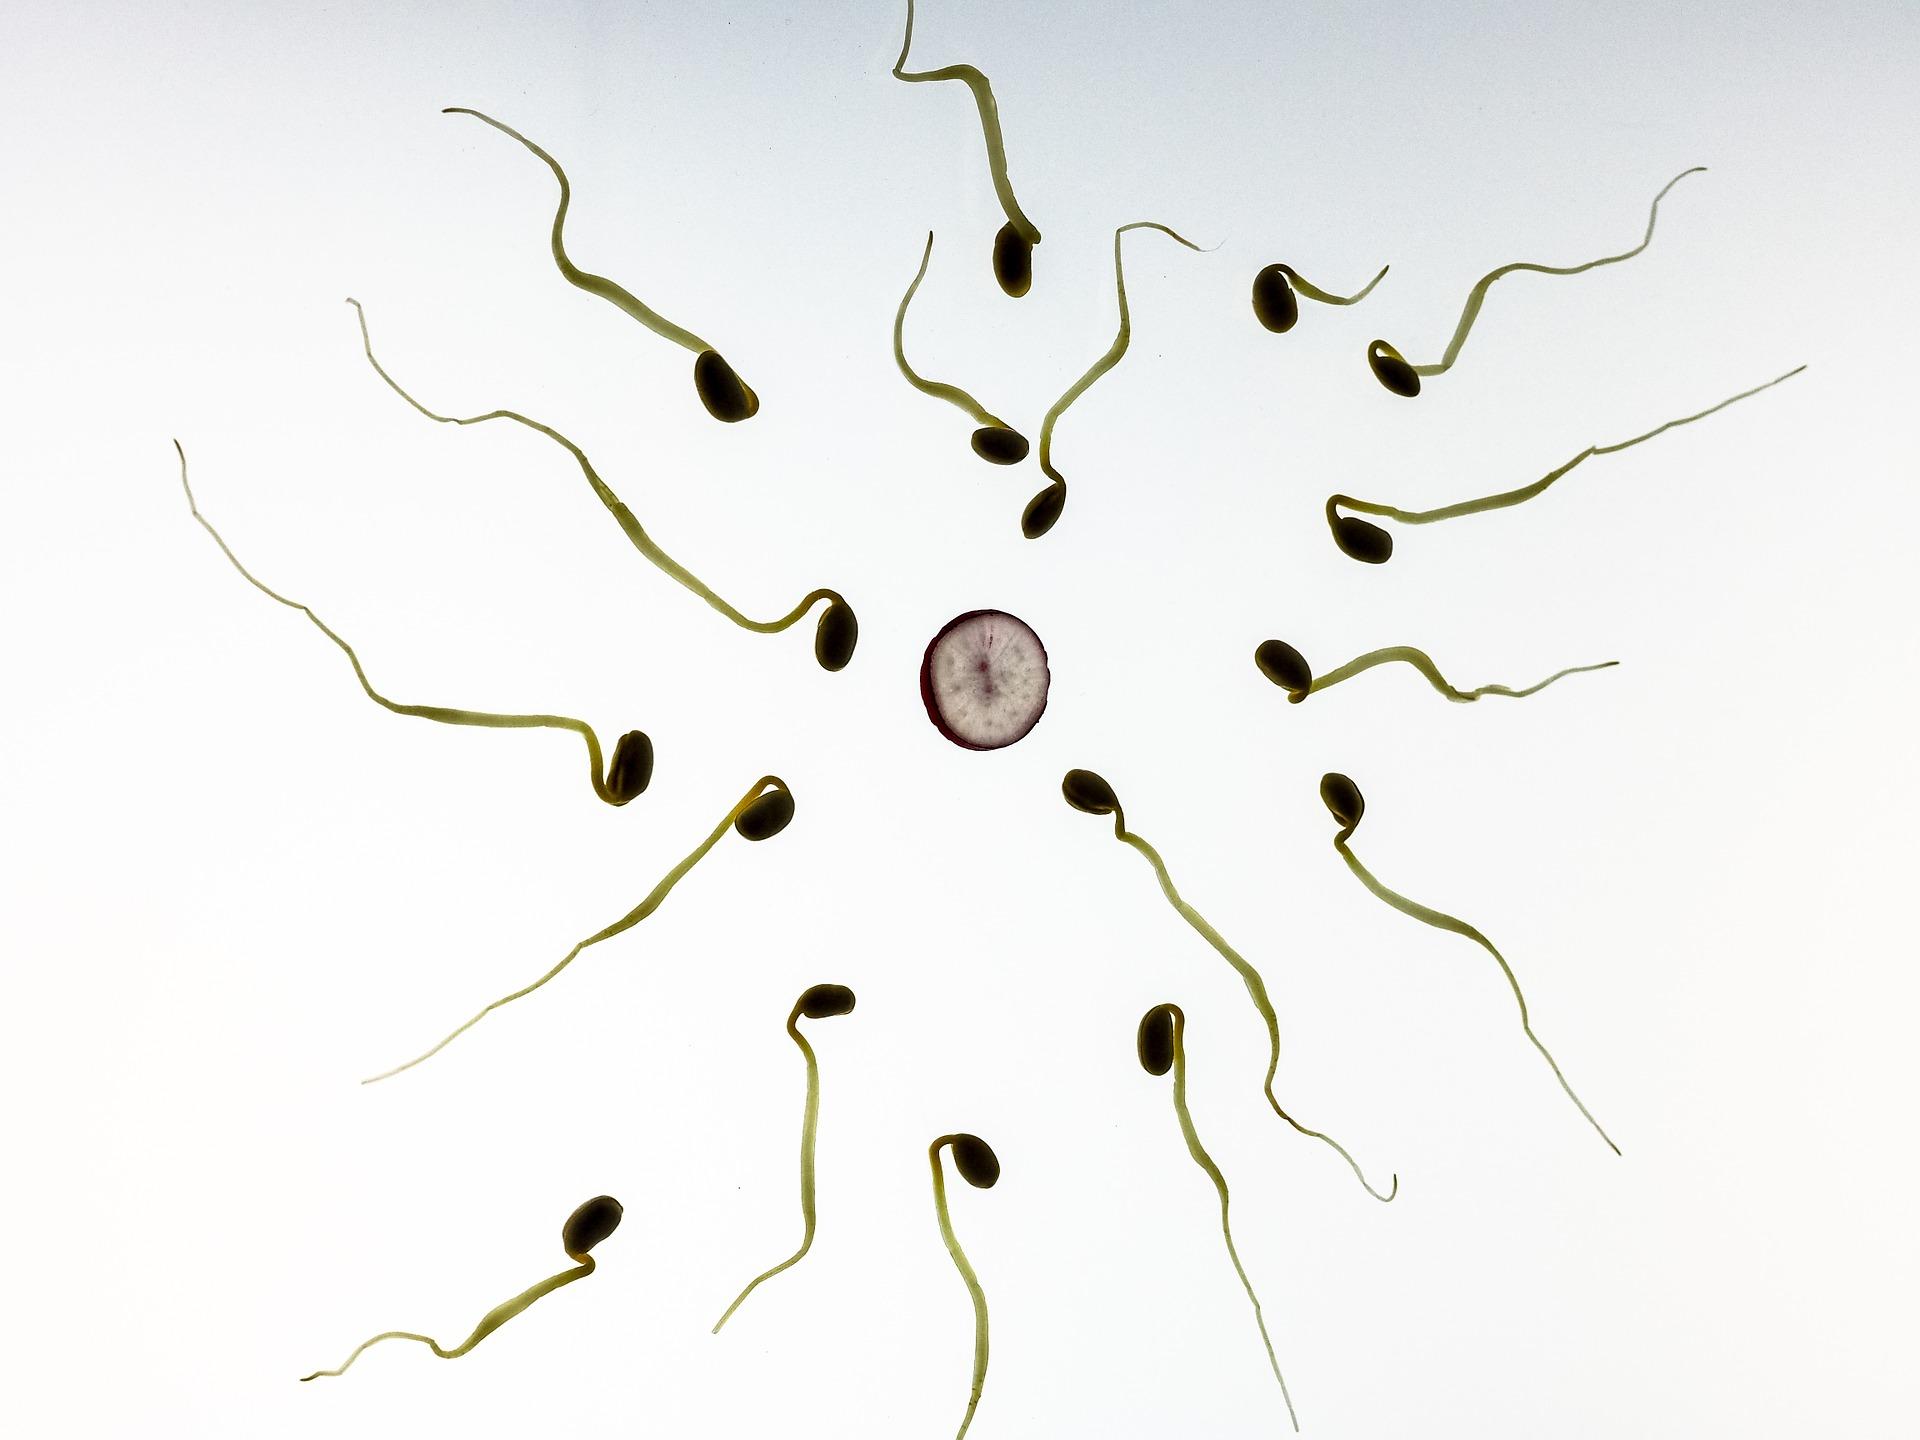 espermatozoides hacia la fecundación de óvulo